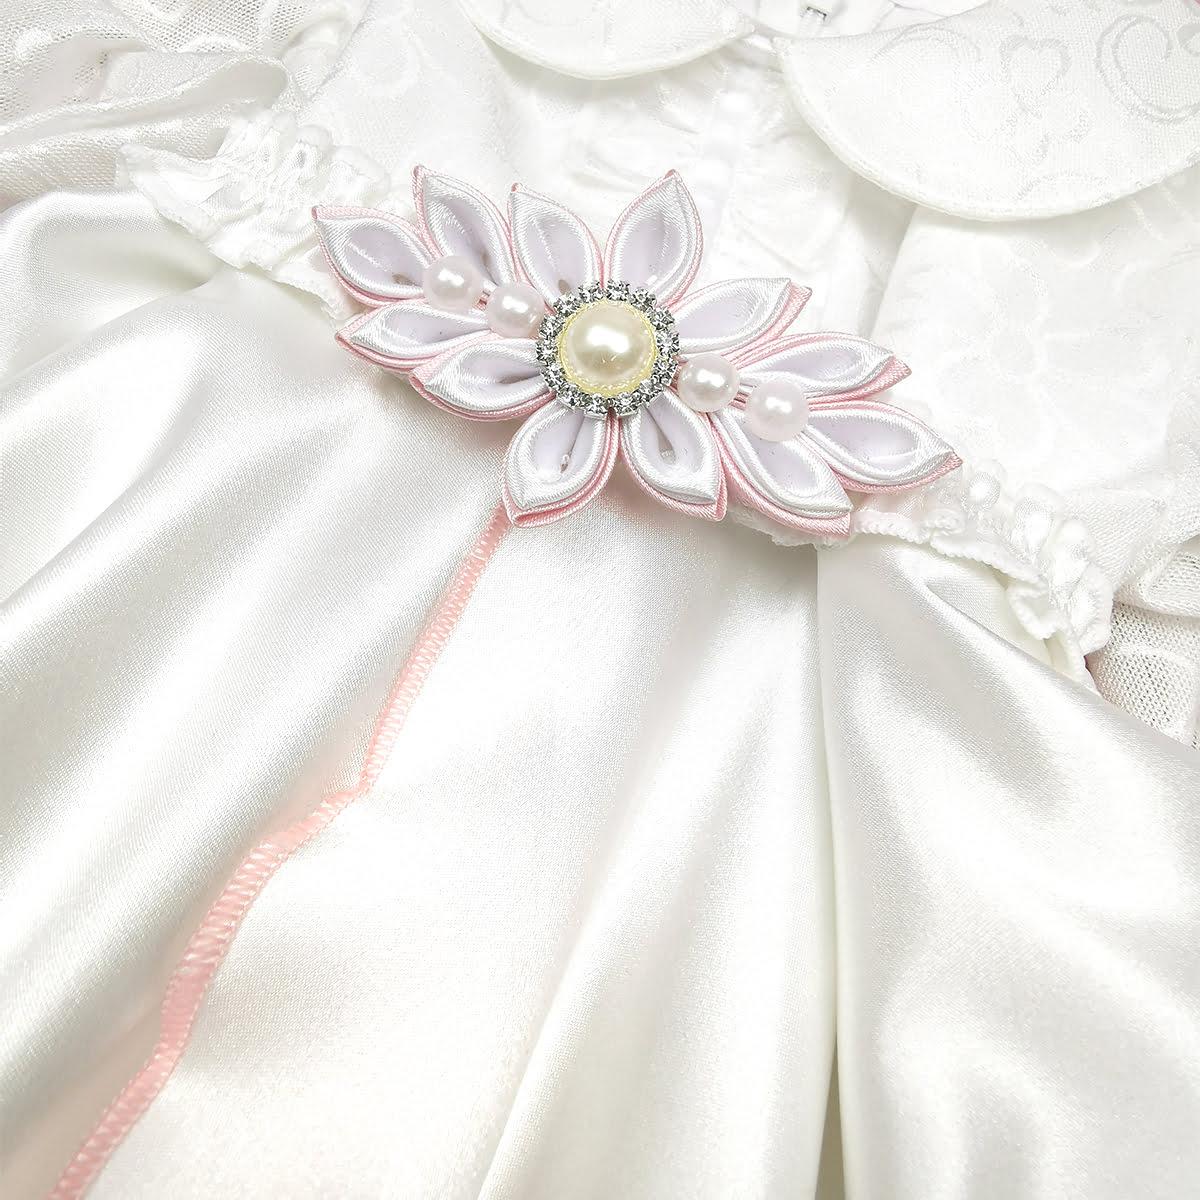 ukras rozi kompletića za krštenje Morning rose